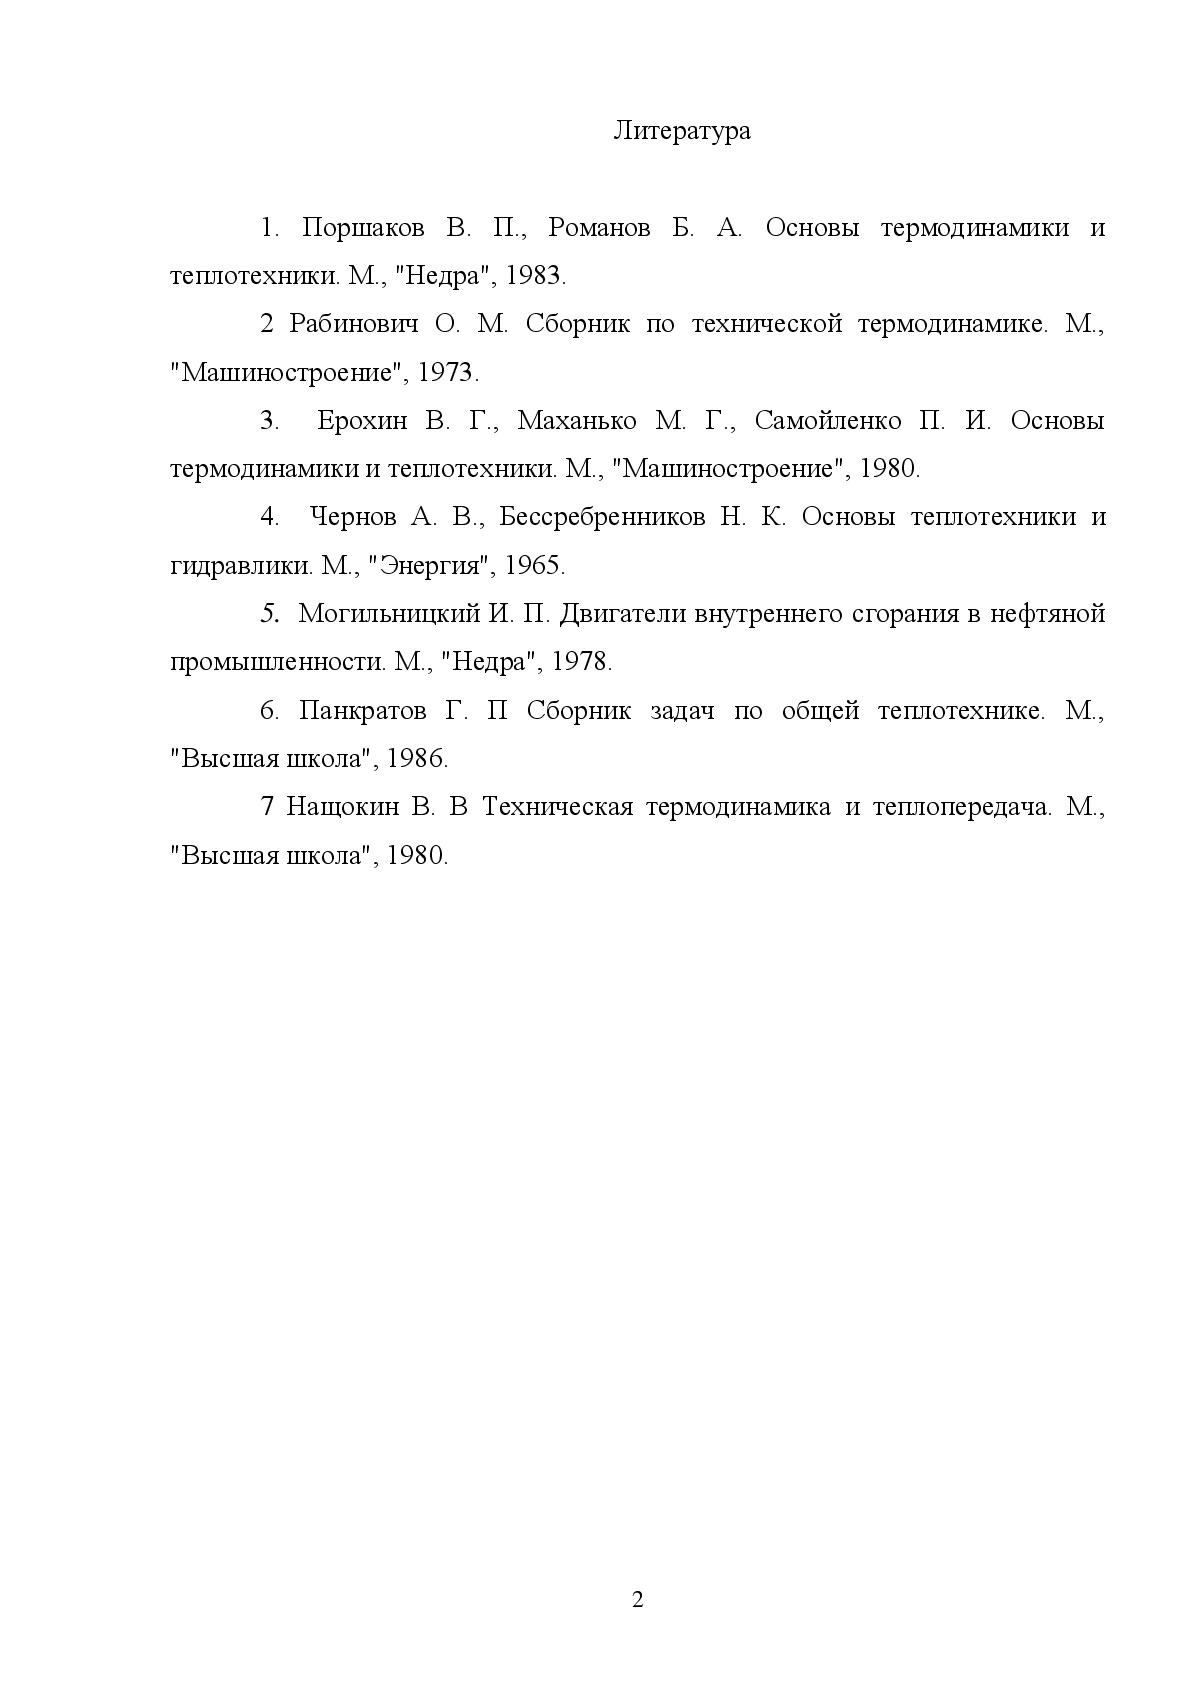 Рабинович решебник сборник задач по технической термодинамике решебник